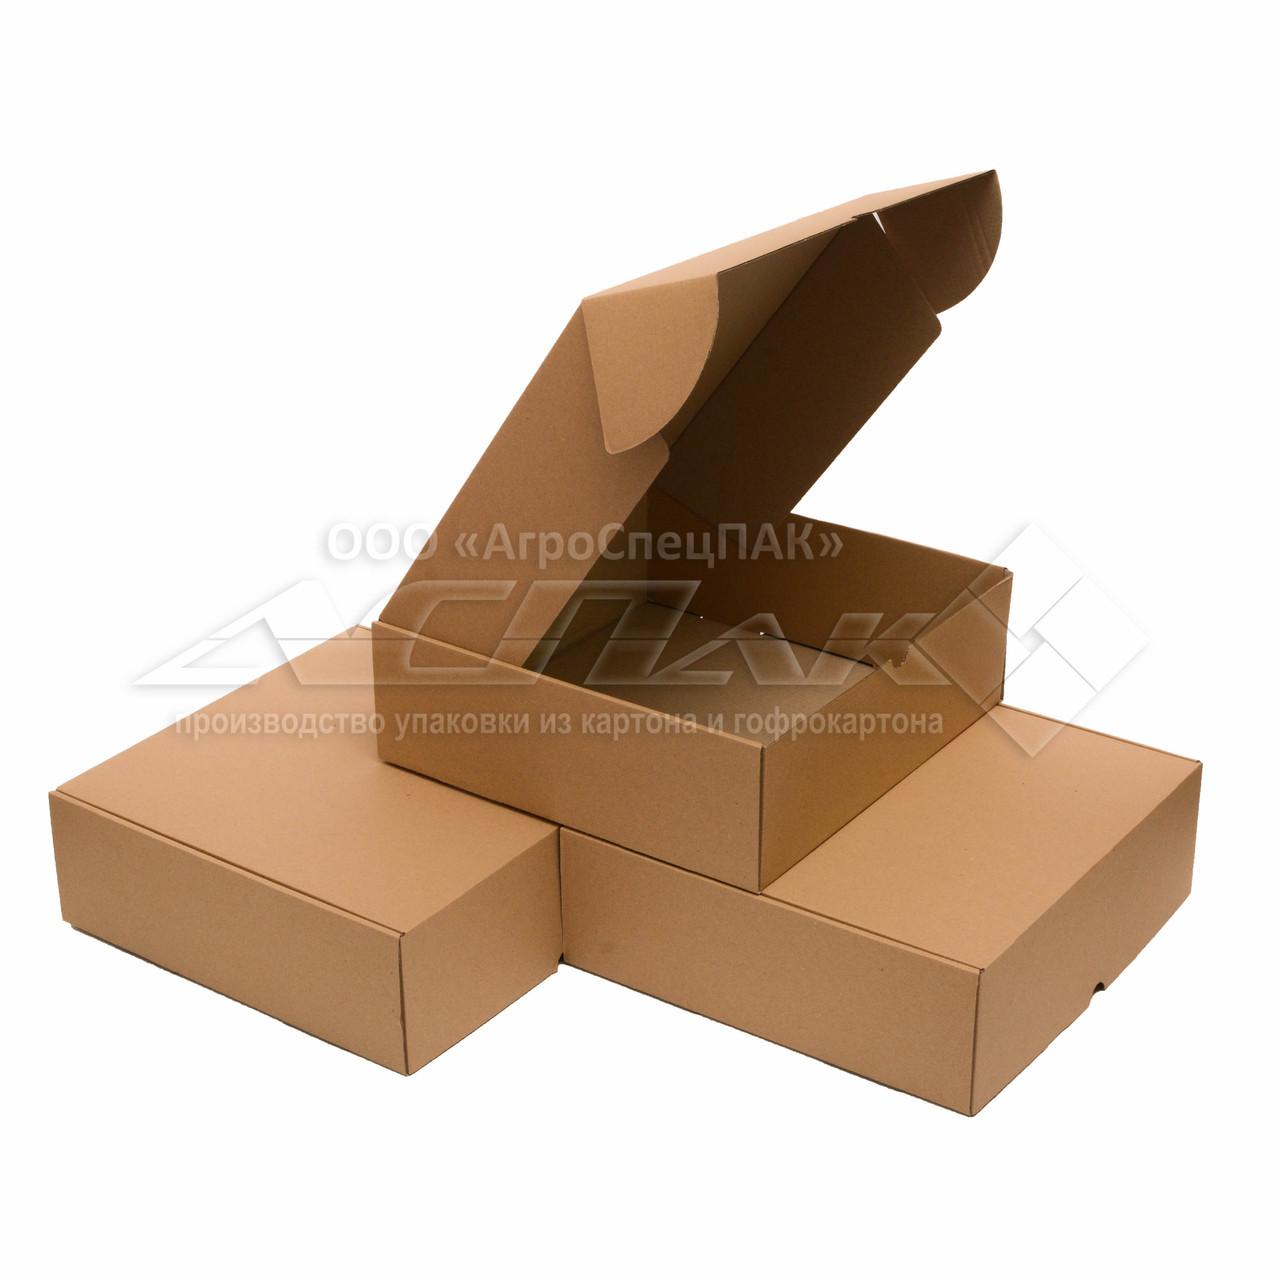 Картонные коробки 300*300*100 бурые - фото 1